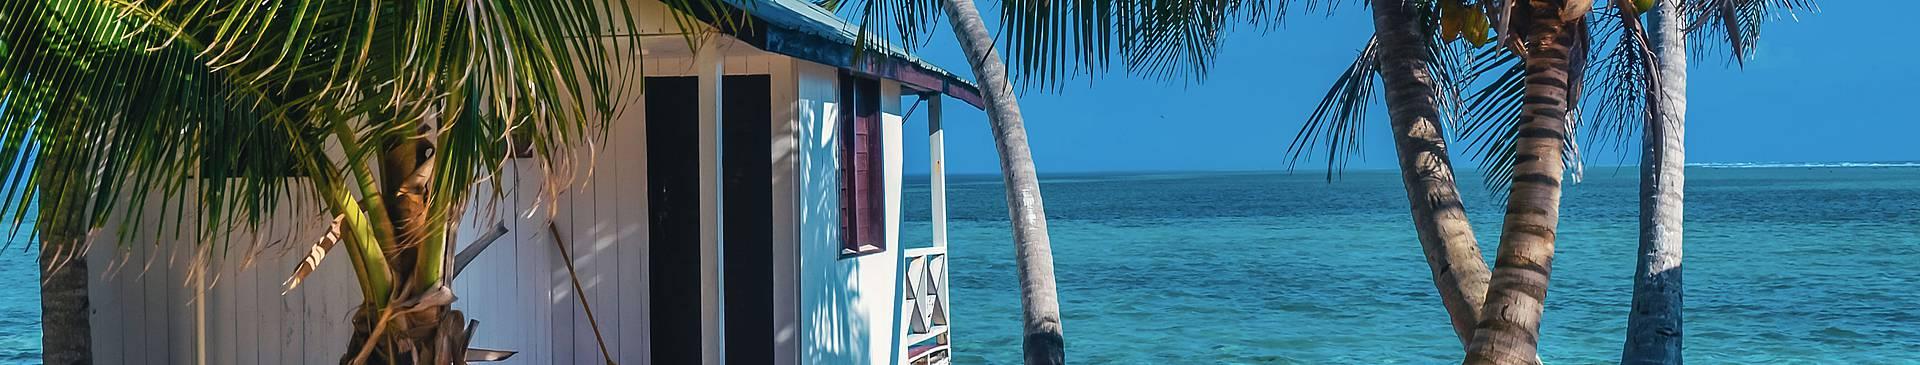 Viaggi nelle isole del Belize